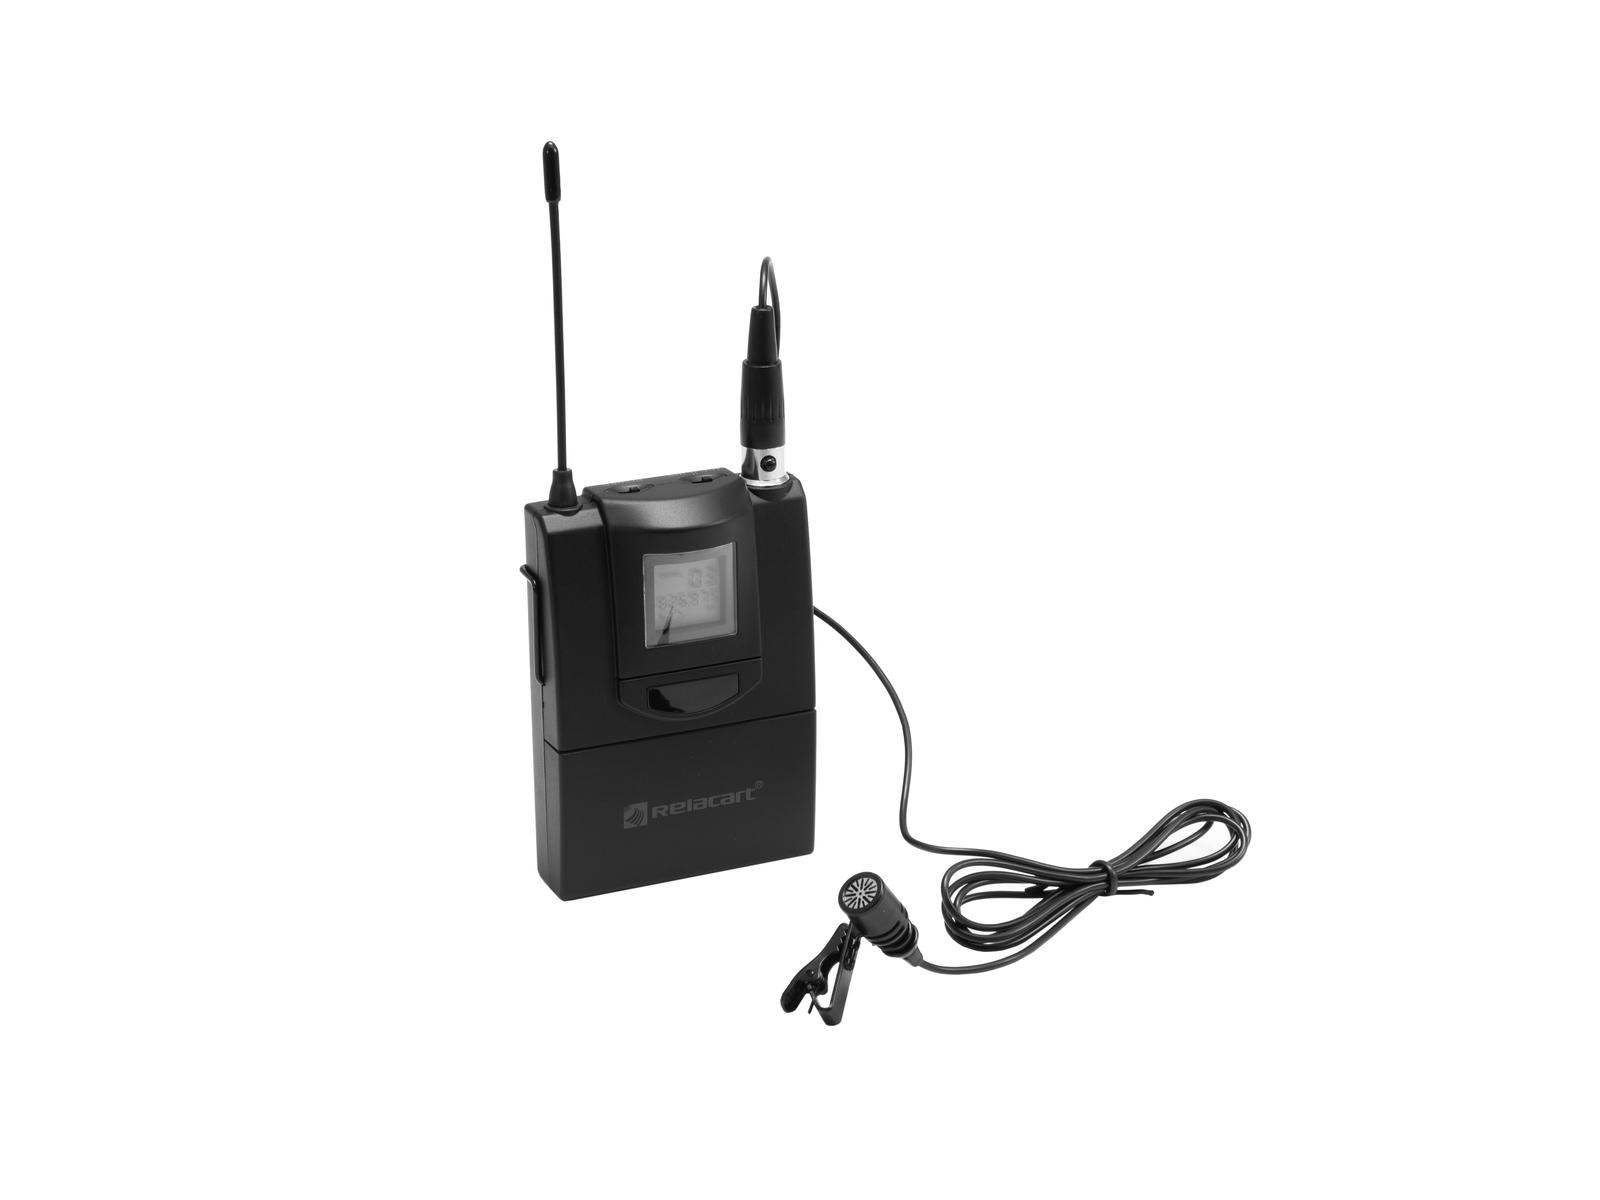 relacart-et-60-bodypack-mit-lavalier-mikrofon-fa-r-wam-402